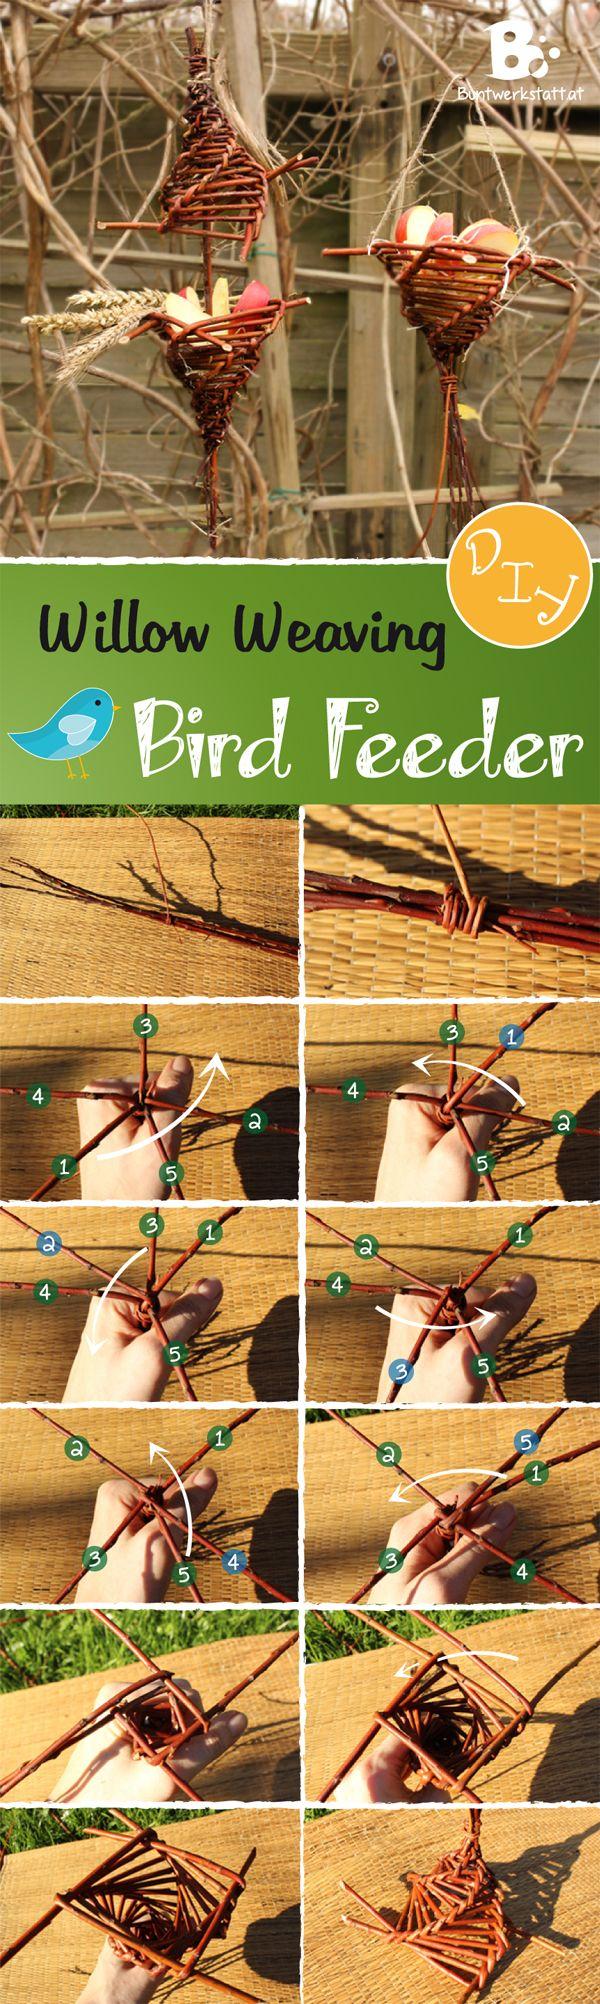 Easy Bird Feeder DIY Tutorial. Willow Weaving Craft. // Futterstelle für Vögel aus Weidenzweigen.